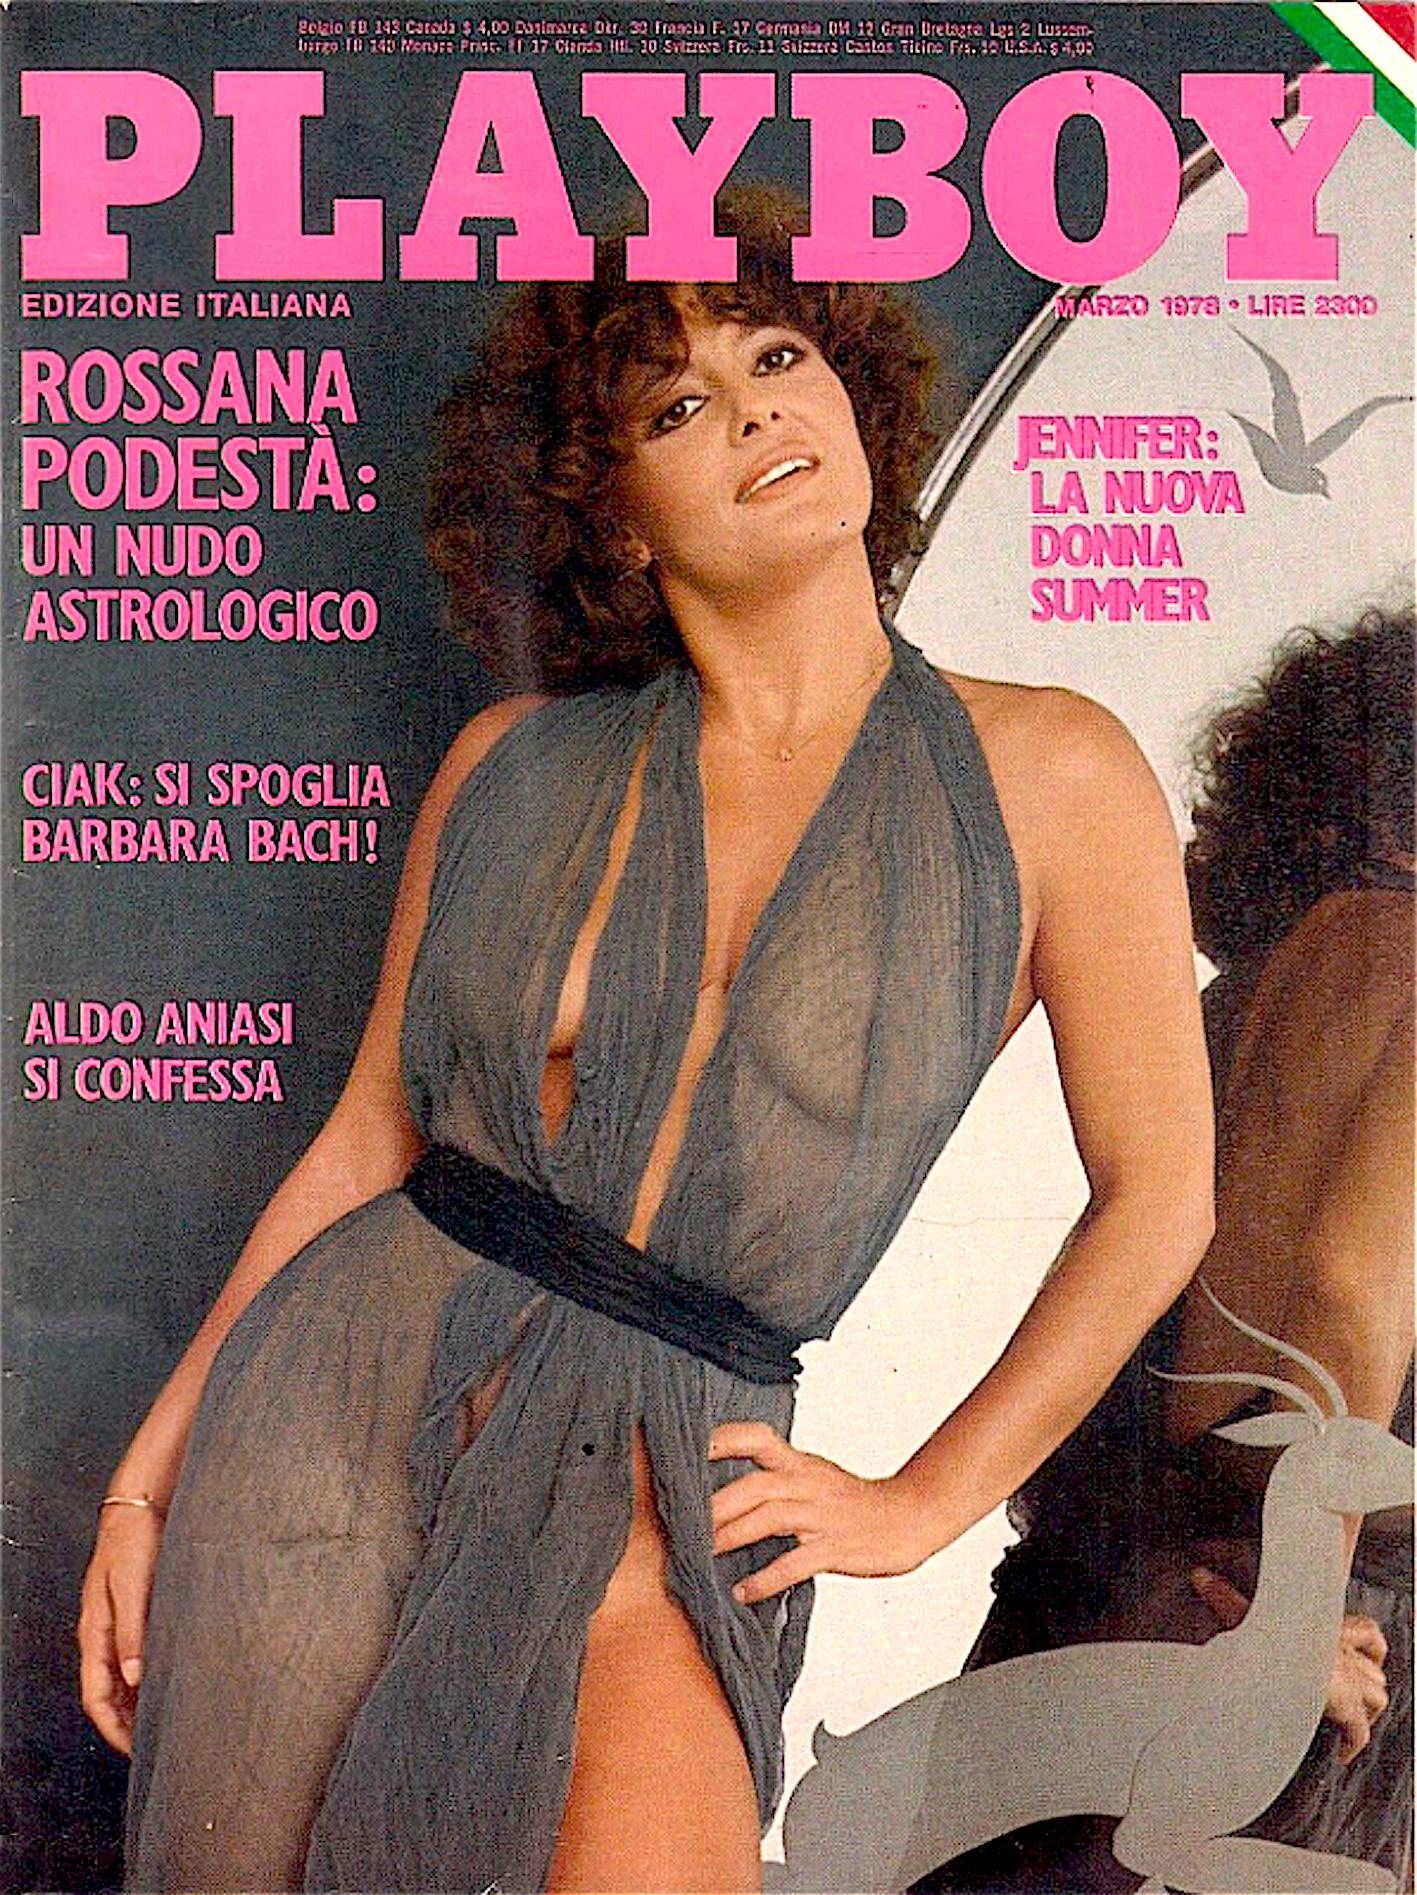 Rossana Podestà